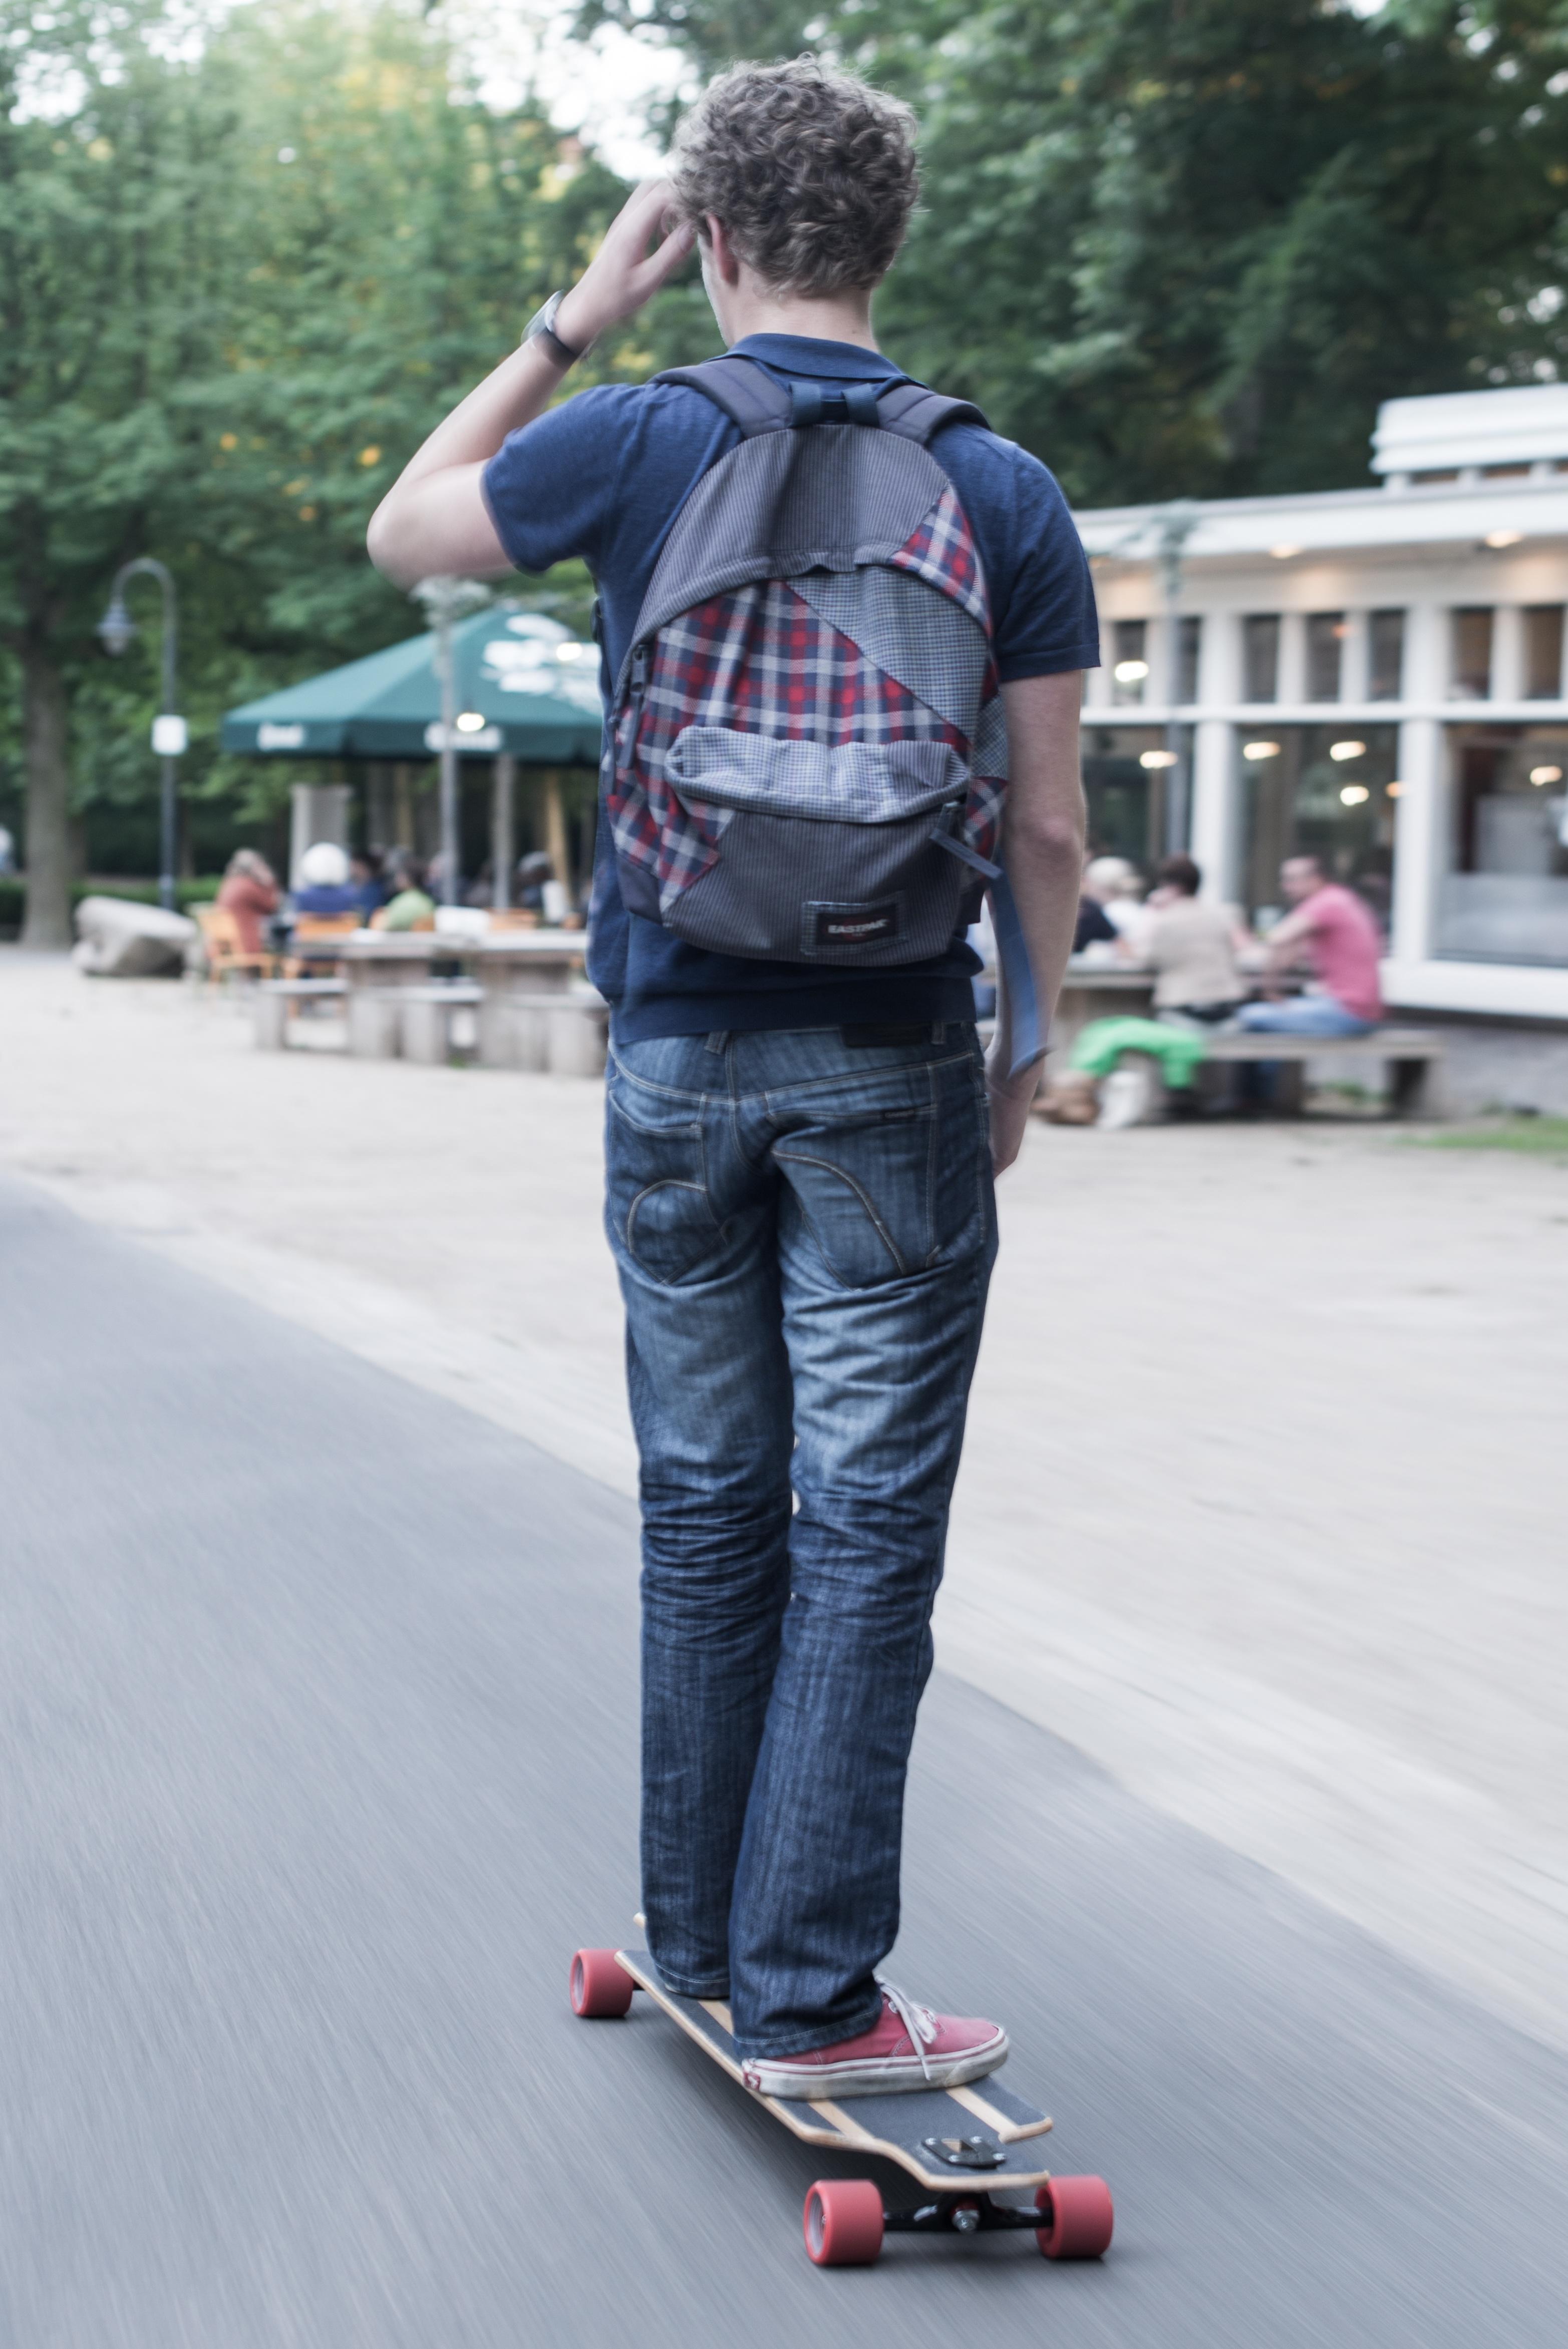 Las piernas de una nena en la combi yuc urbano - 1 6